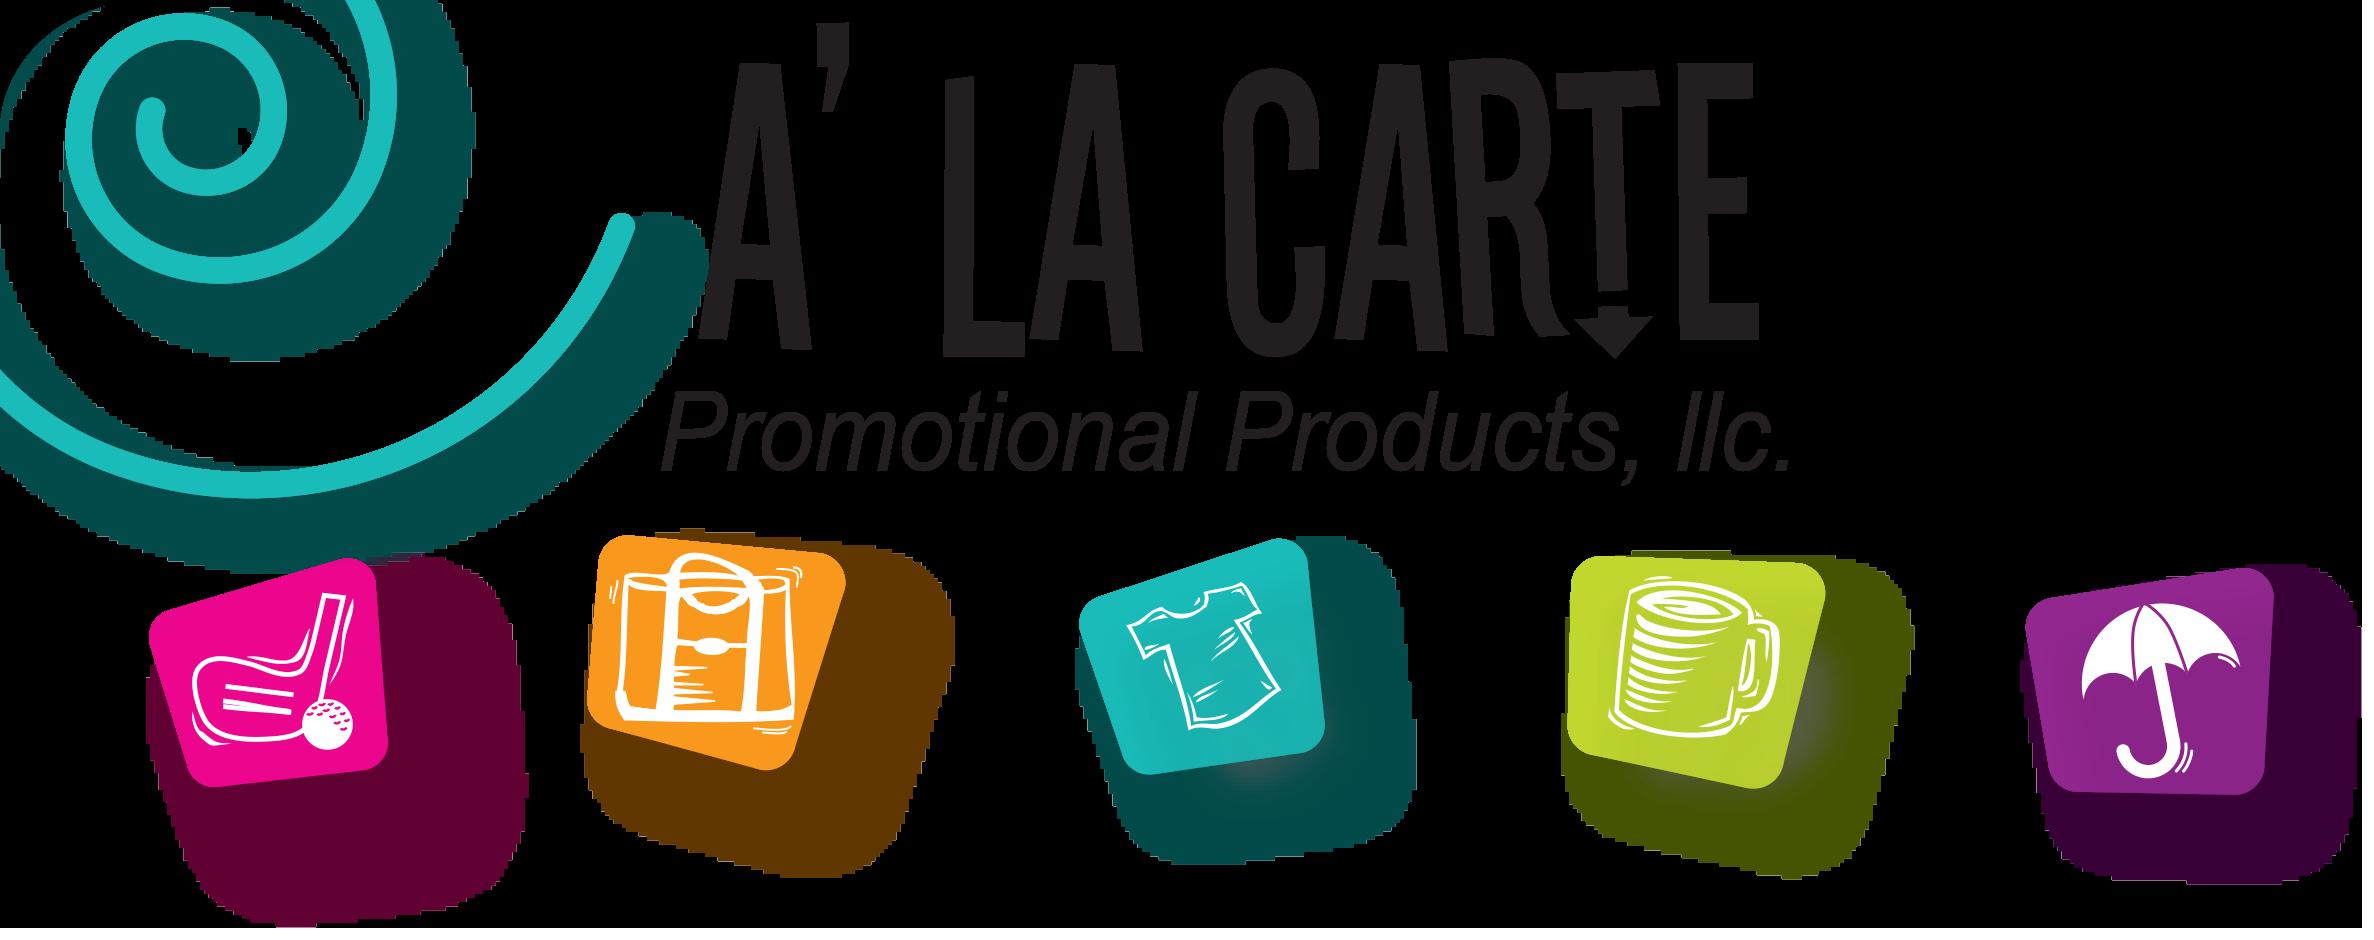 AlaCarte-web.png